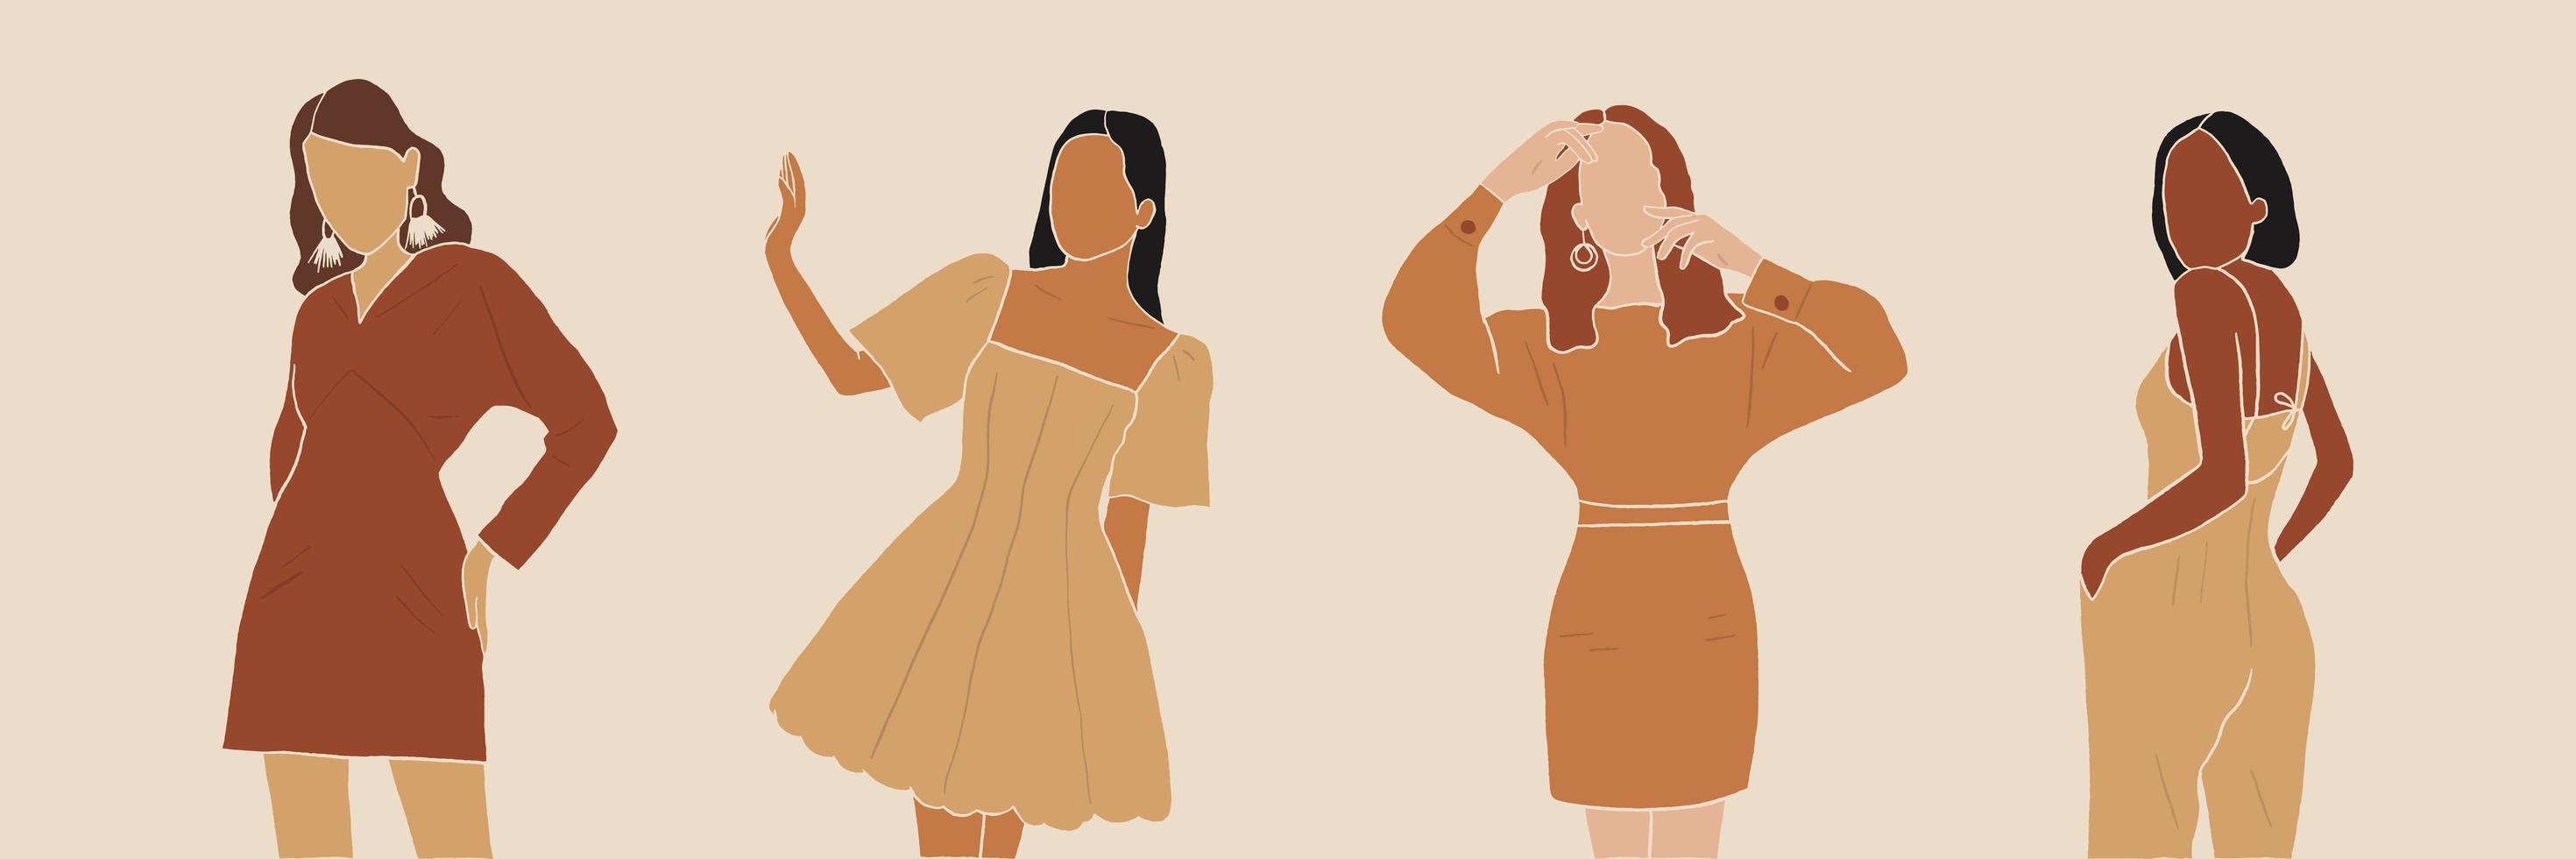 illustration vectorielle abstraite de filles à la mode dans des tenues neutres. femmes sans visage. art contemporain. vecteur